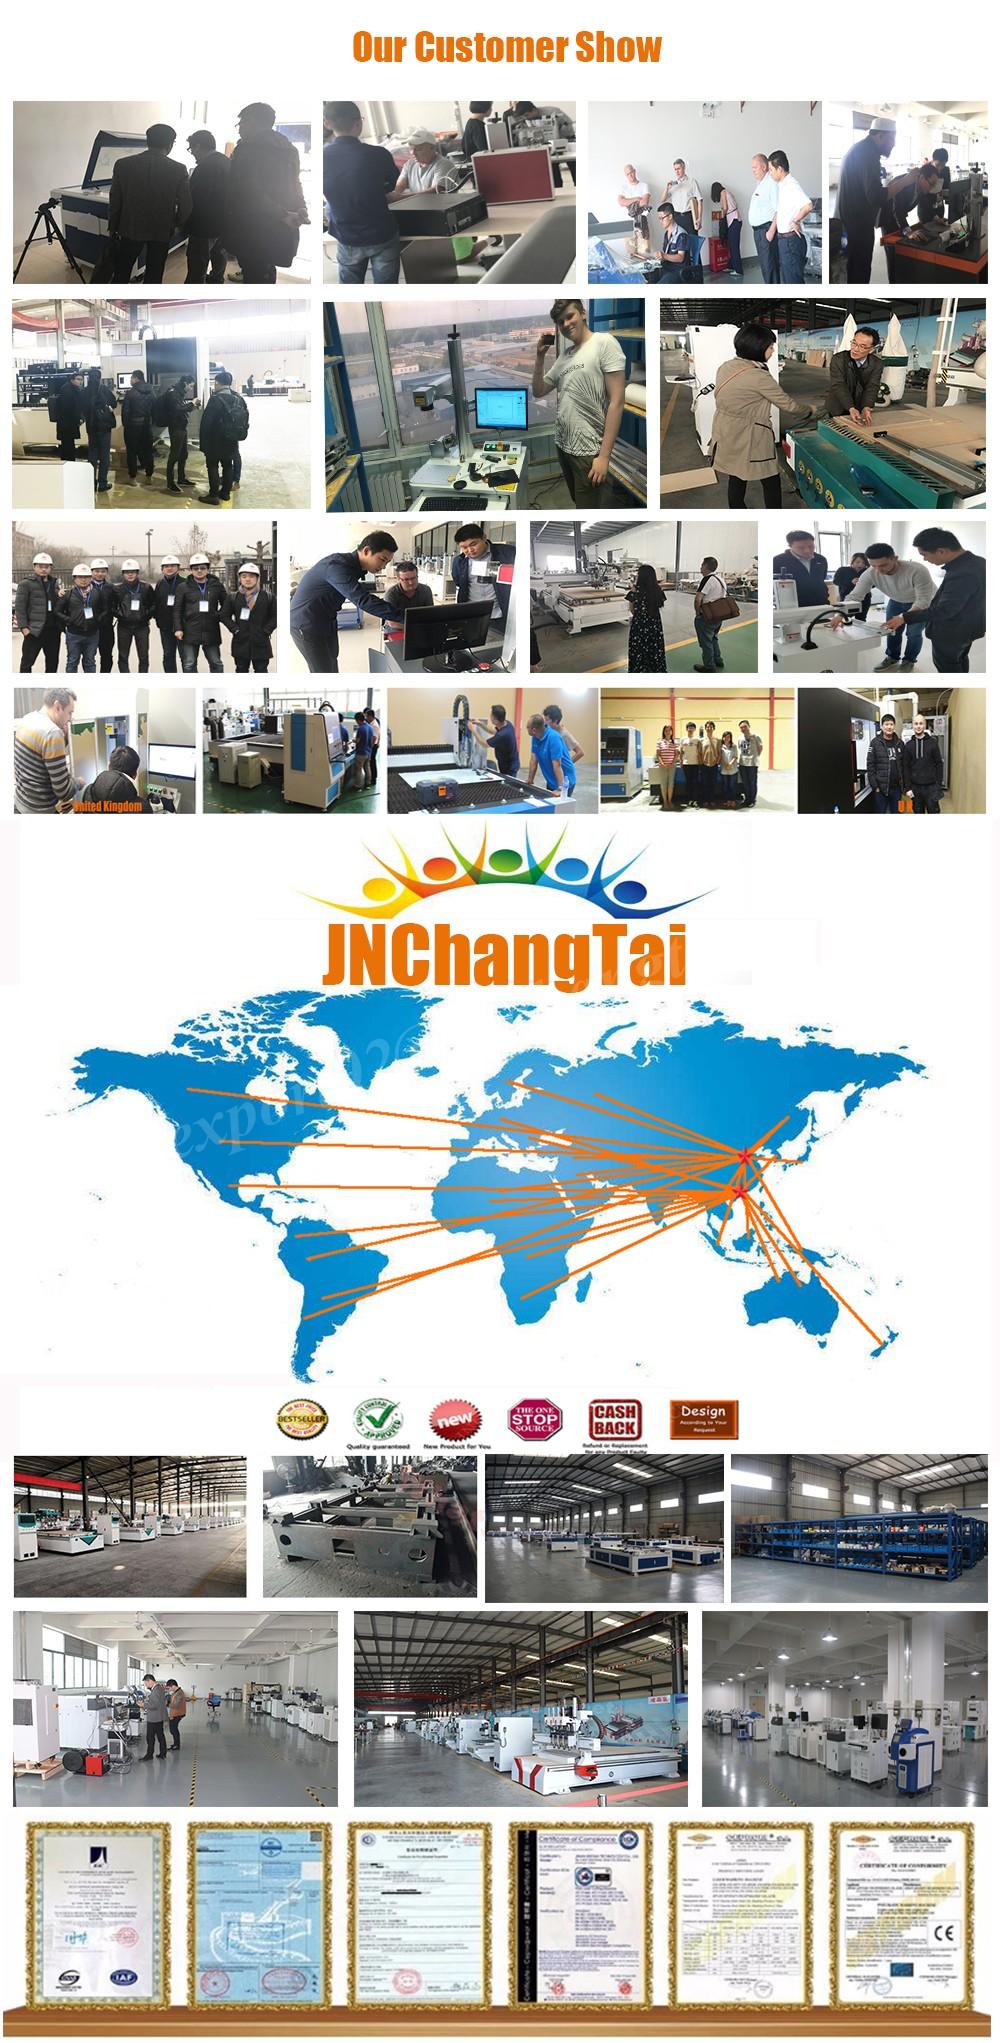 中国 JNChangtai 洗濯マーキングマシンエンボスマーキングマシン